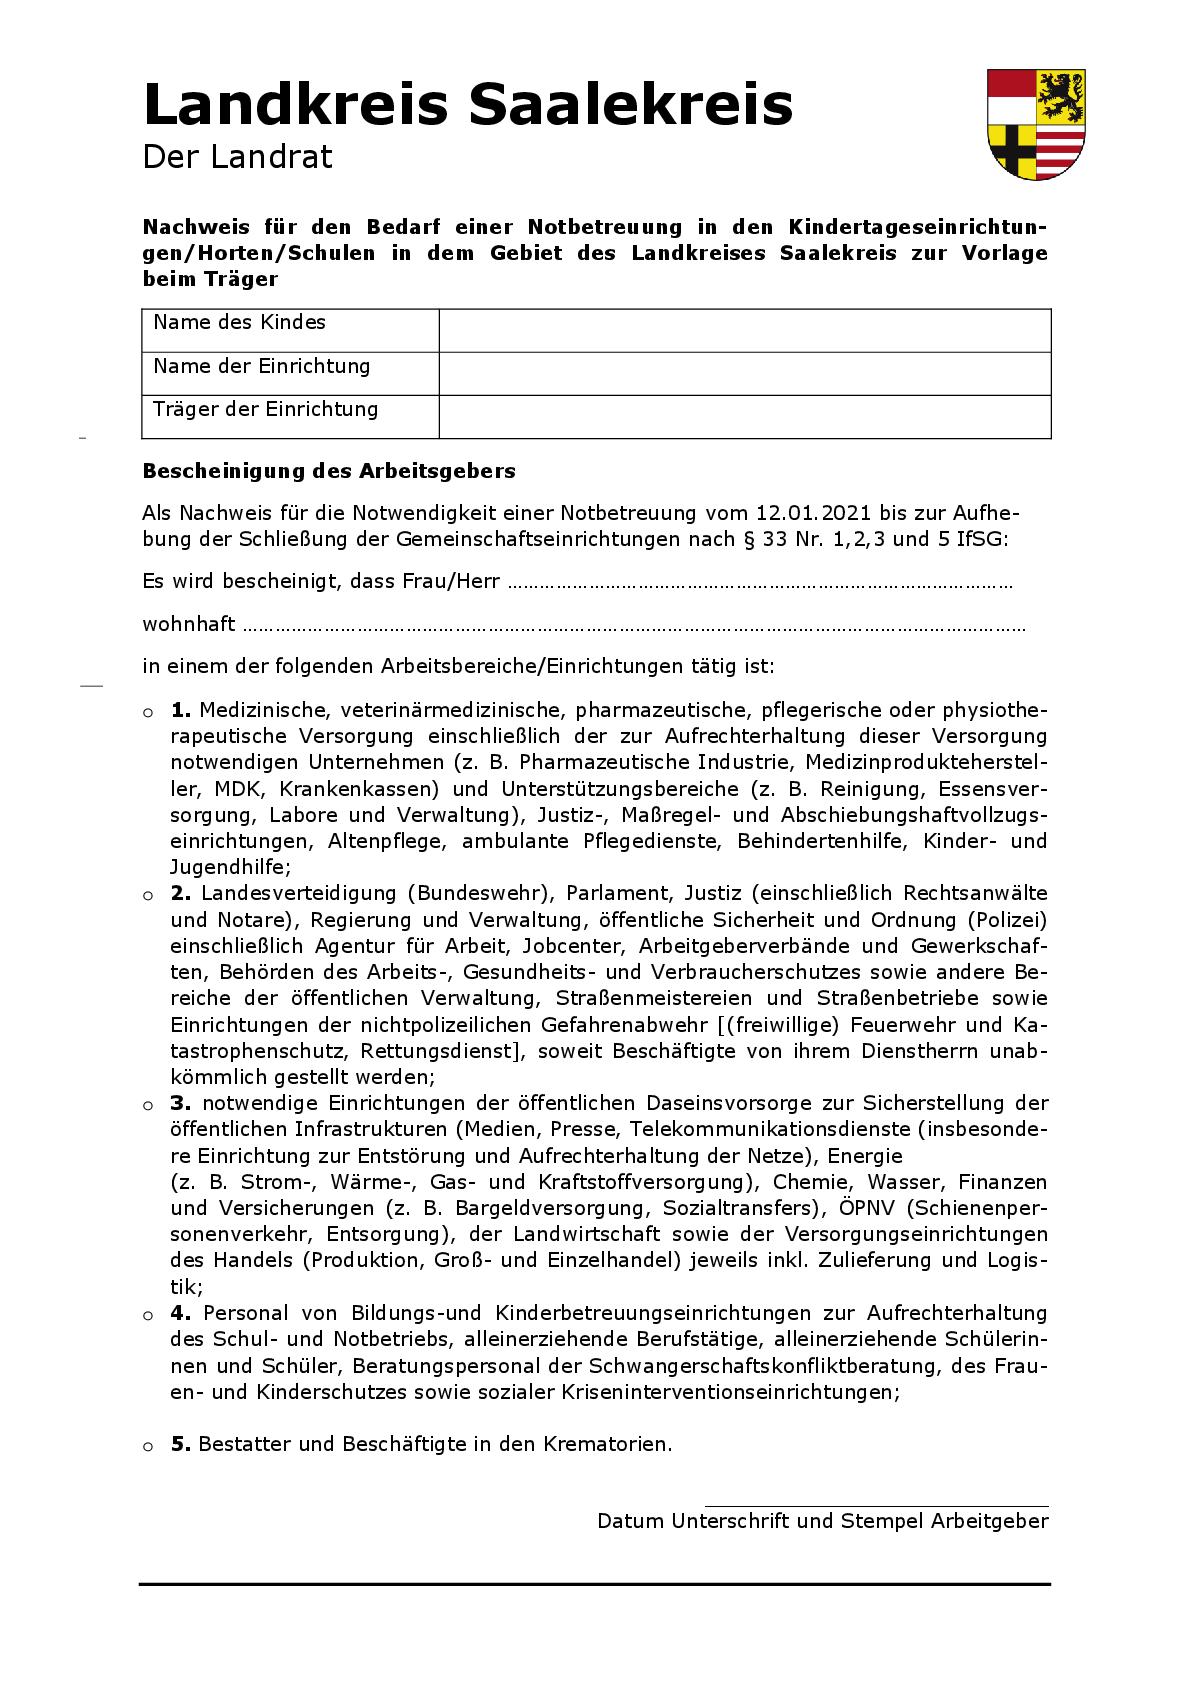 Nachweis zur Kinderbetreuung ab 12.01.2021 - 001